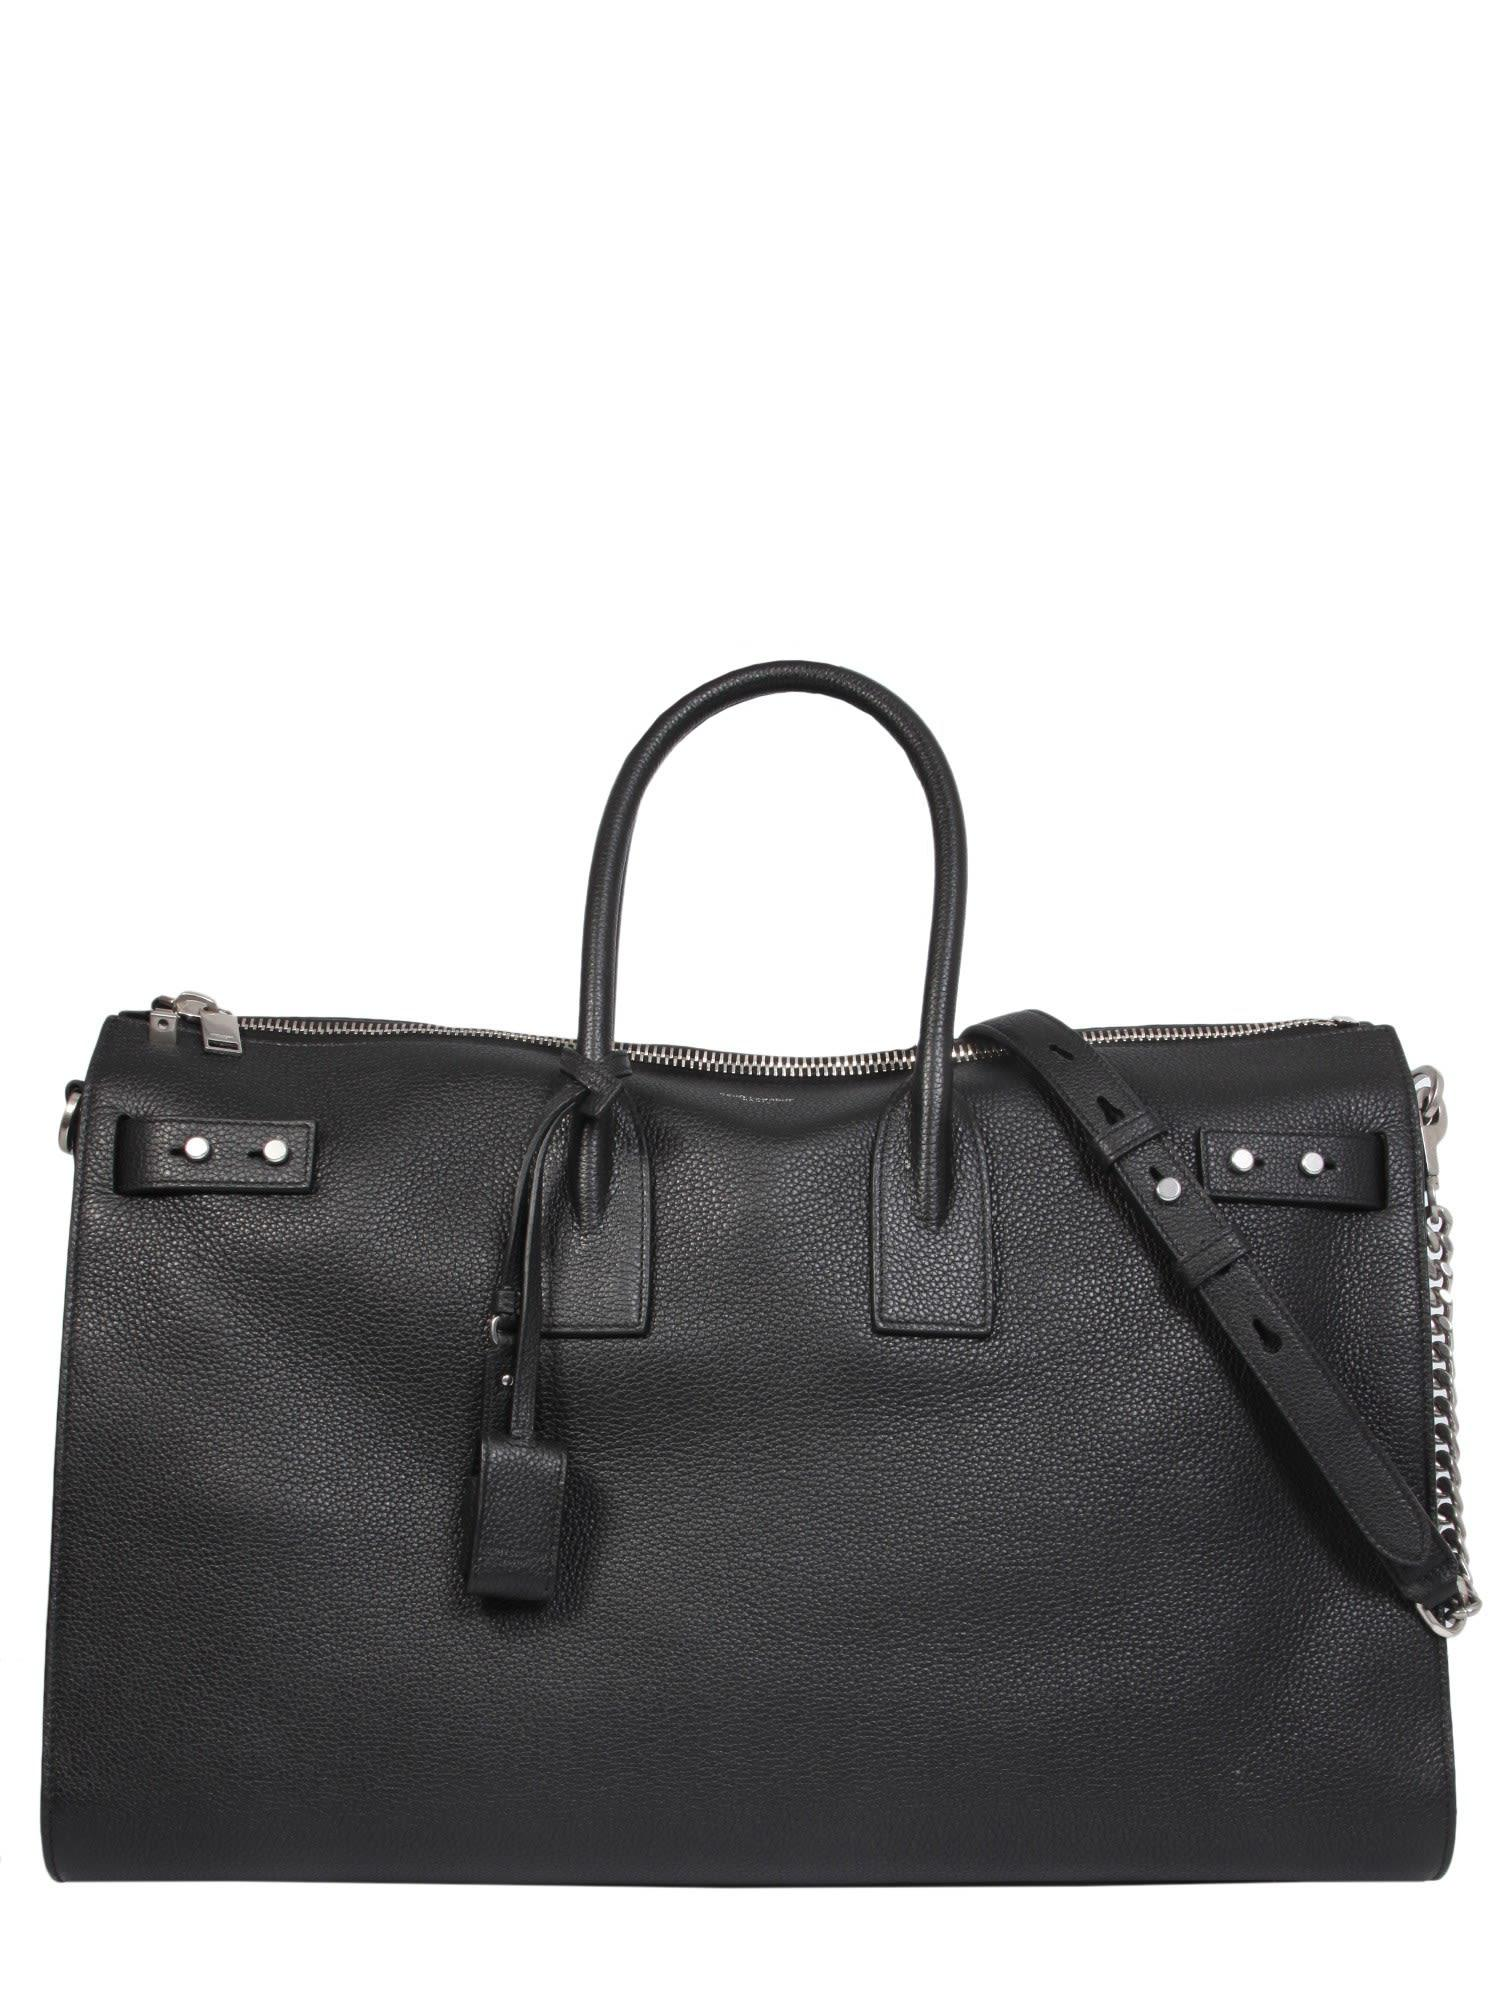 Saint Laurent Sac De Jour Souple 36 Duffle Bag In Nero  14d07f46c8e8c